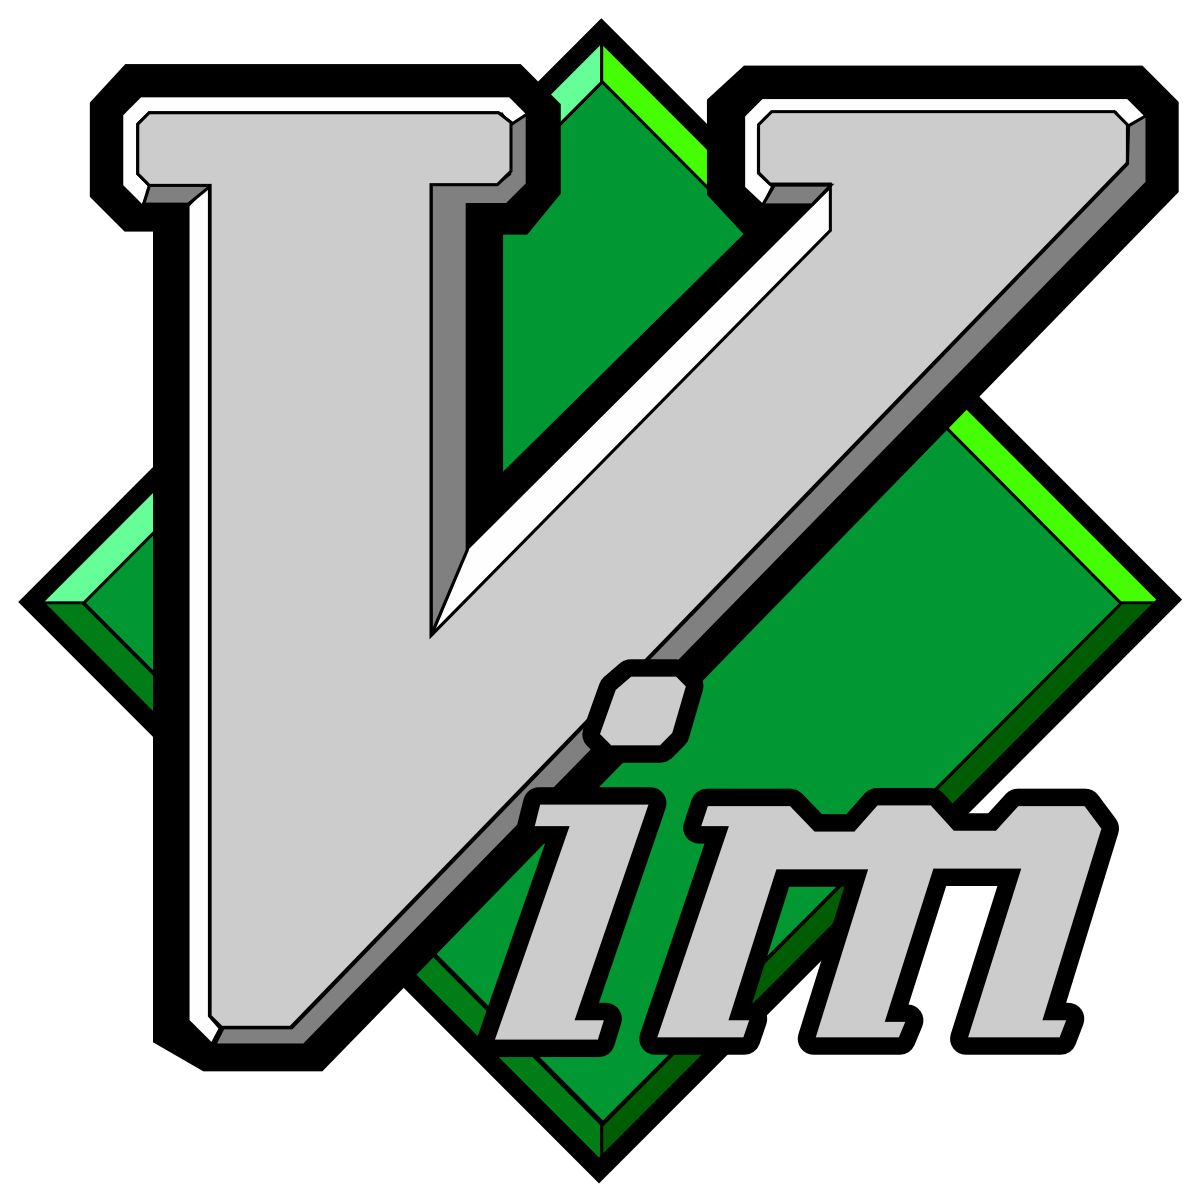 vi/vim